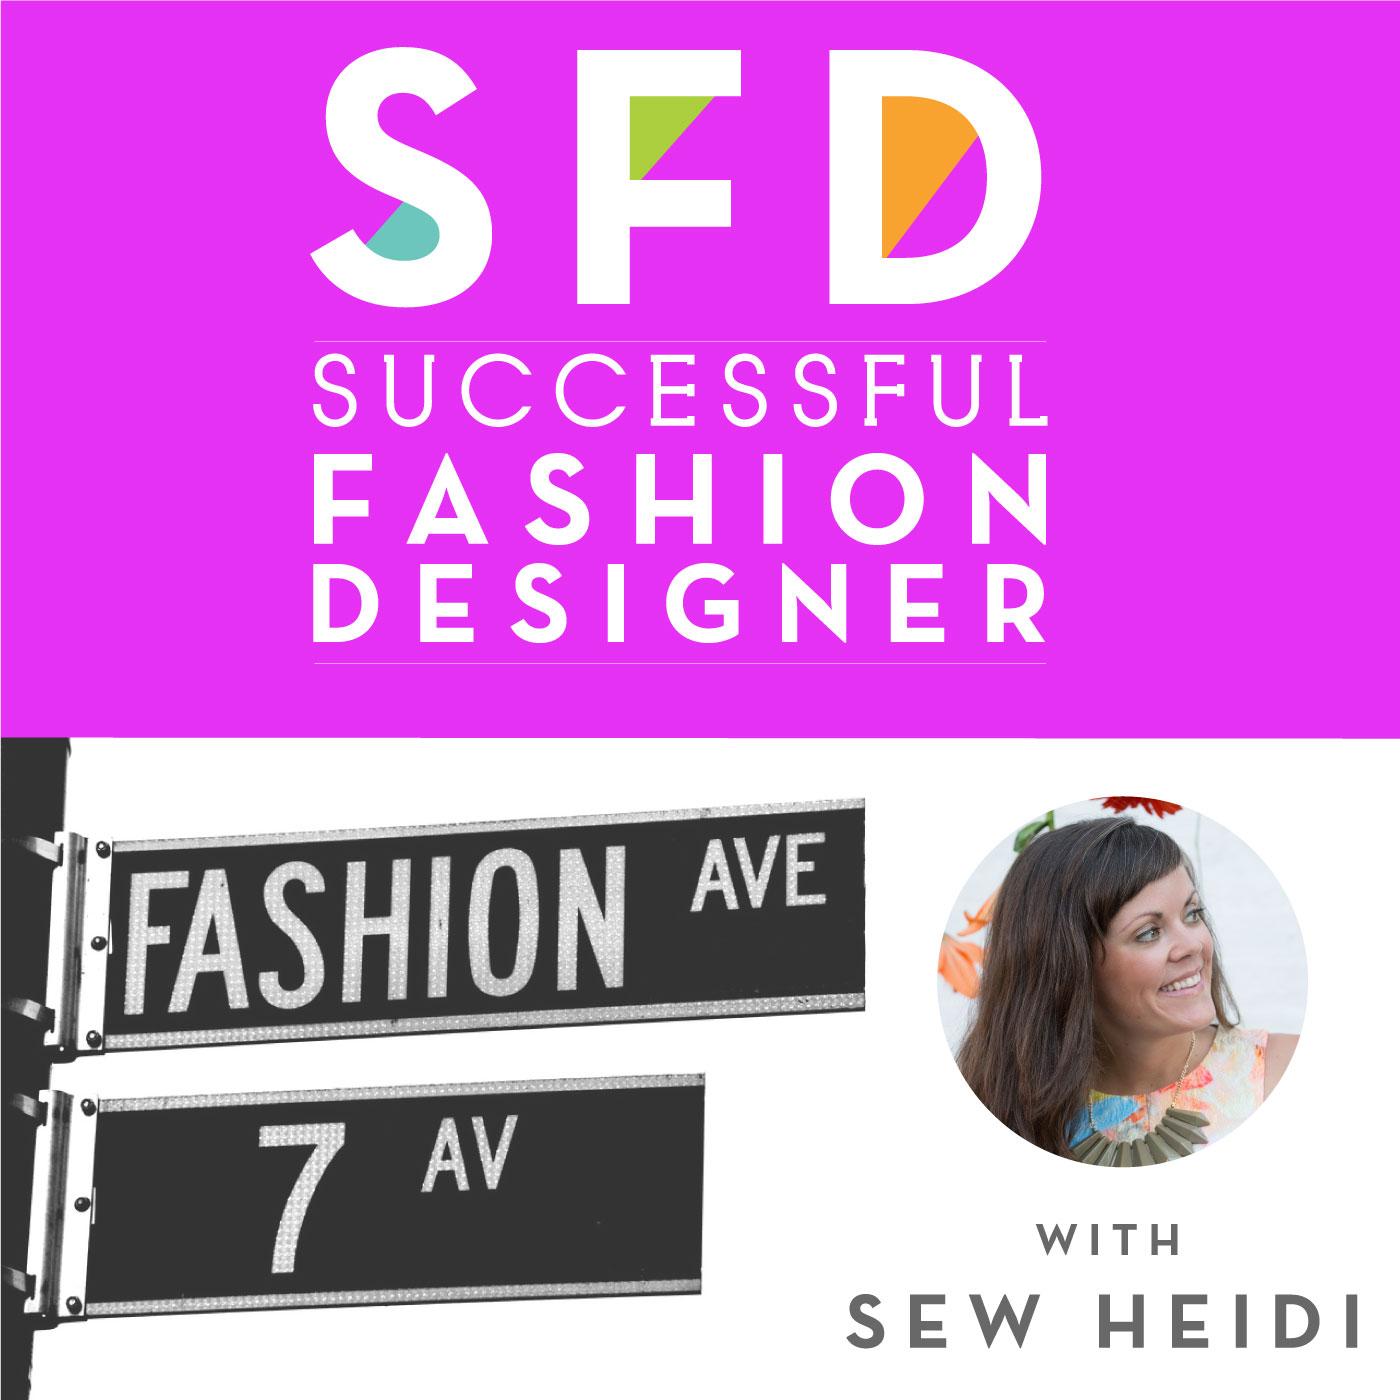 The Successful Fashion Designer